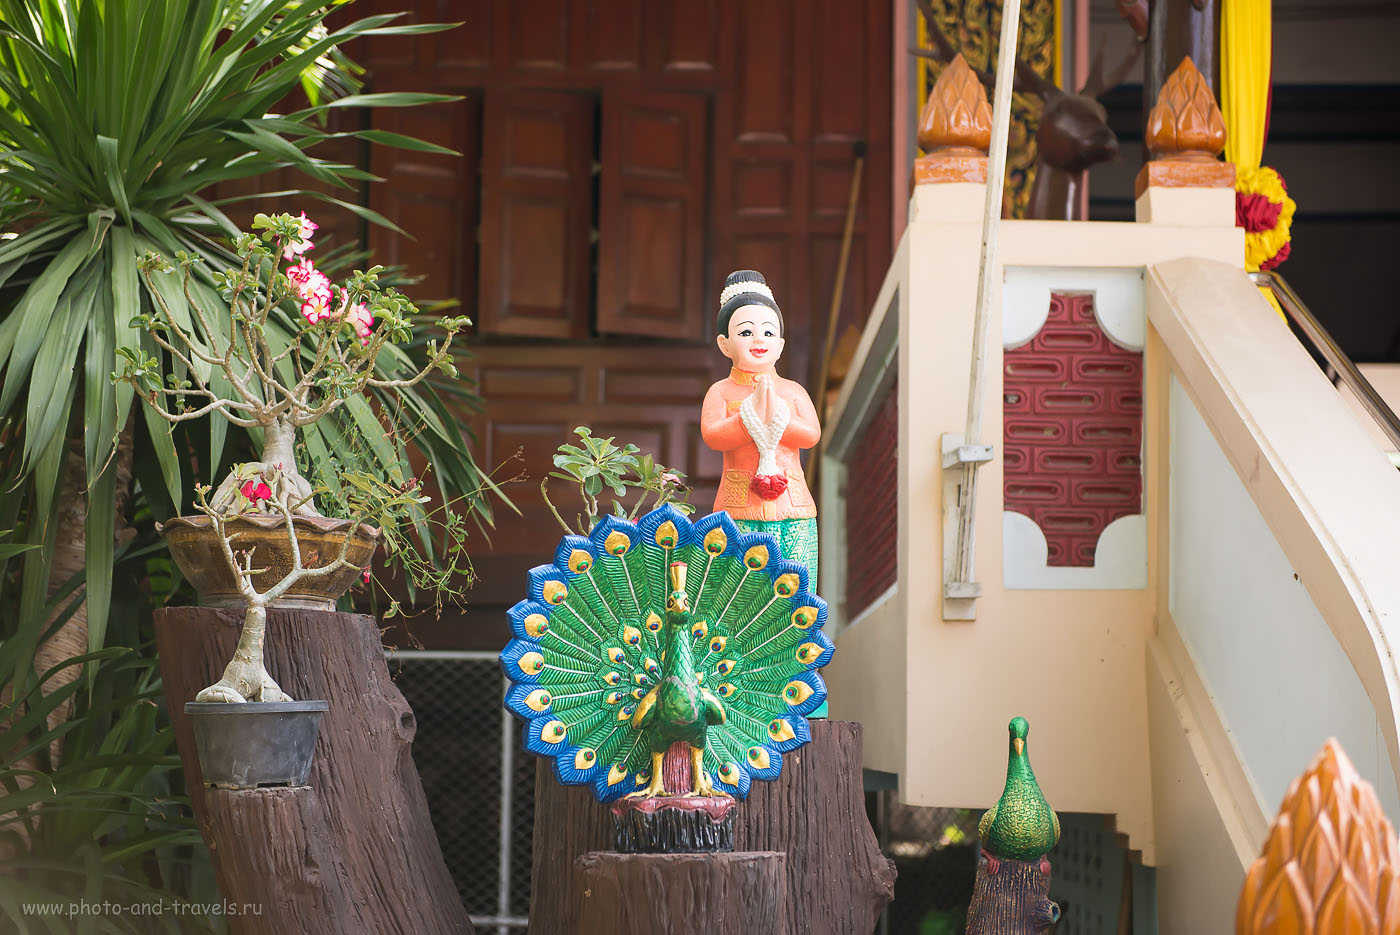 Фотография 17. Павлин-мавлин. Достопримечательности недалеко от Хуахина. Отдых в Таиланде дикарем. Отзывы туристов.